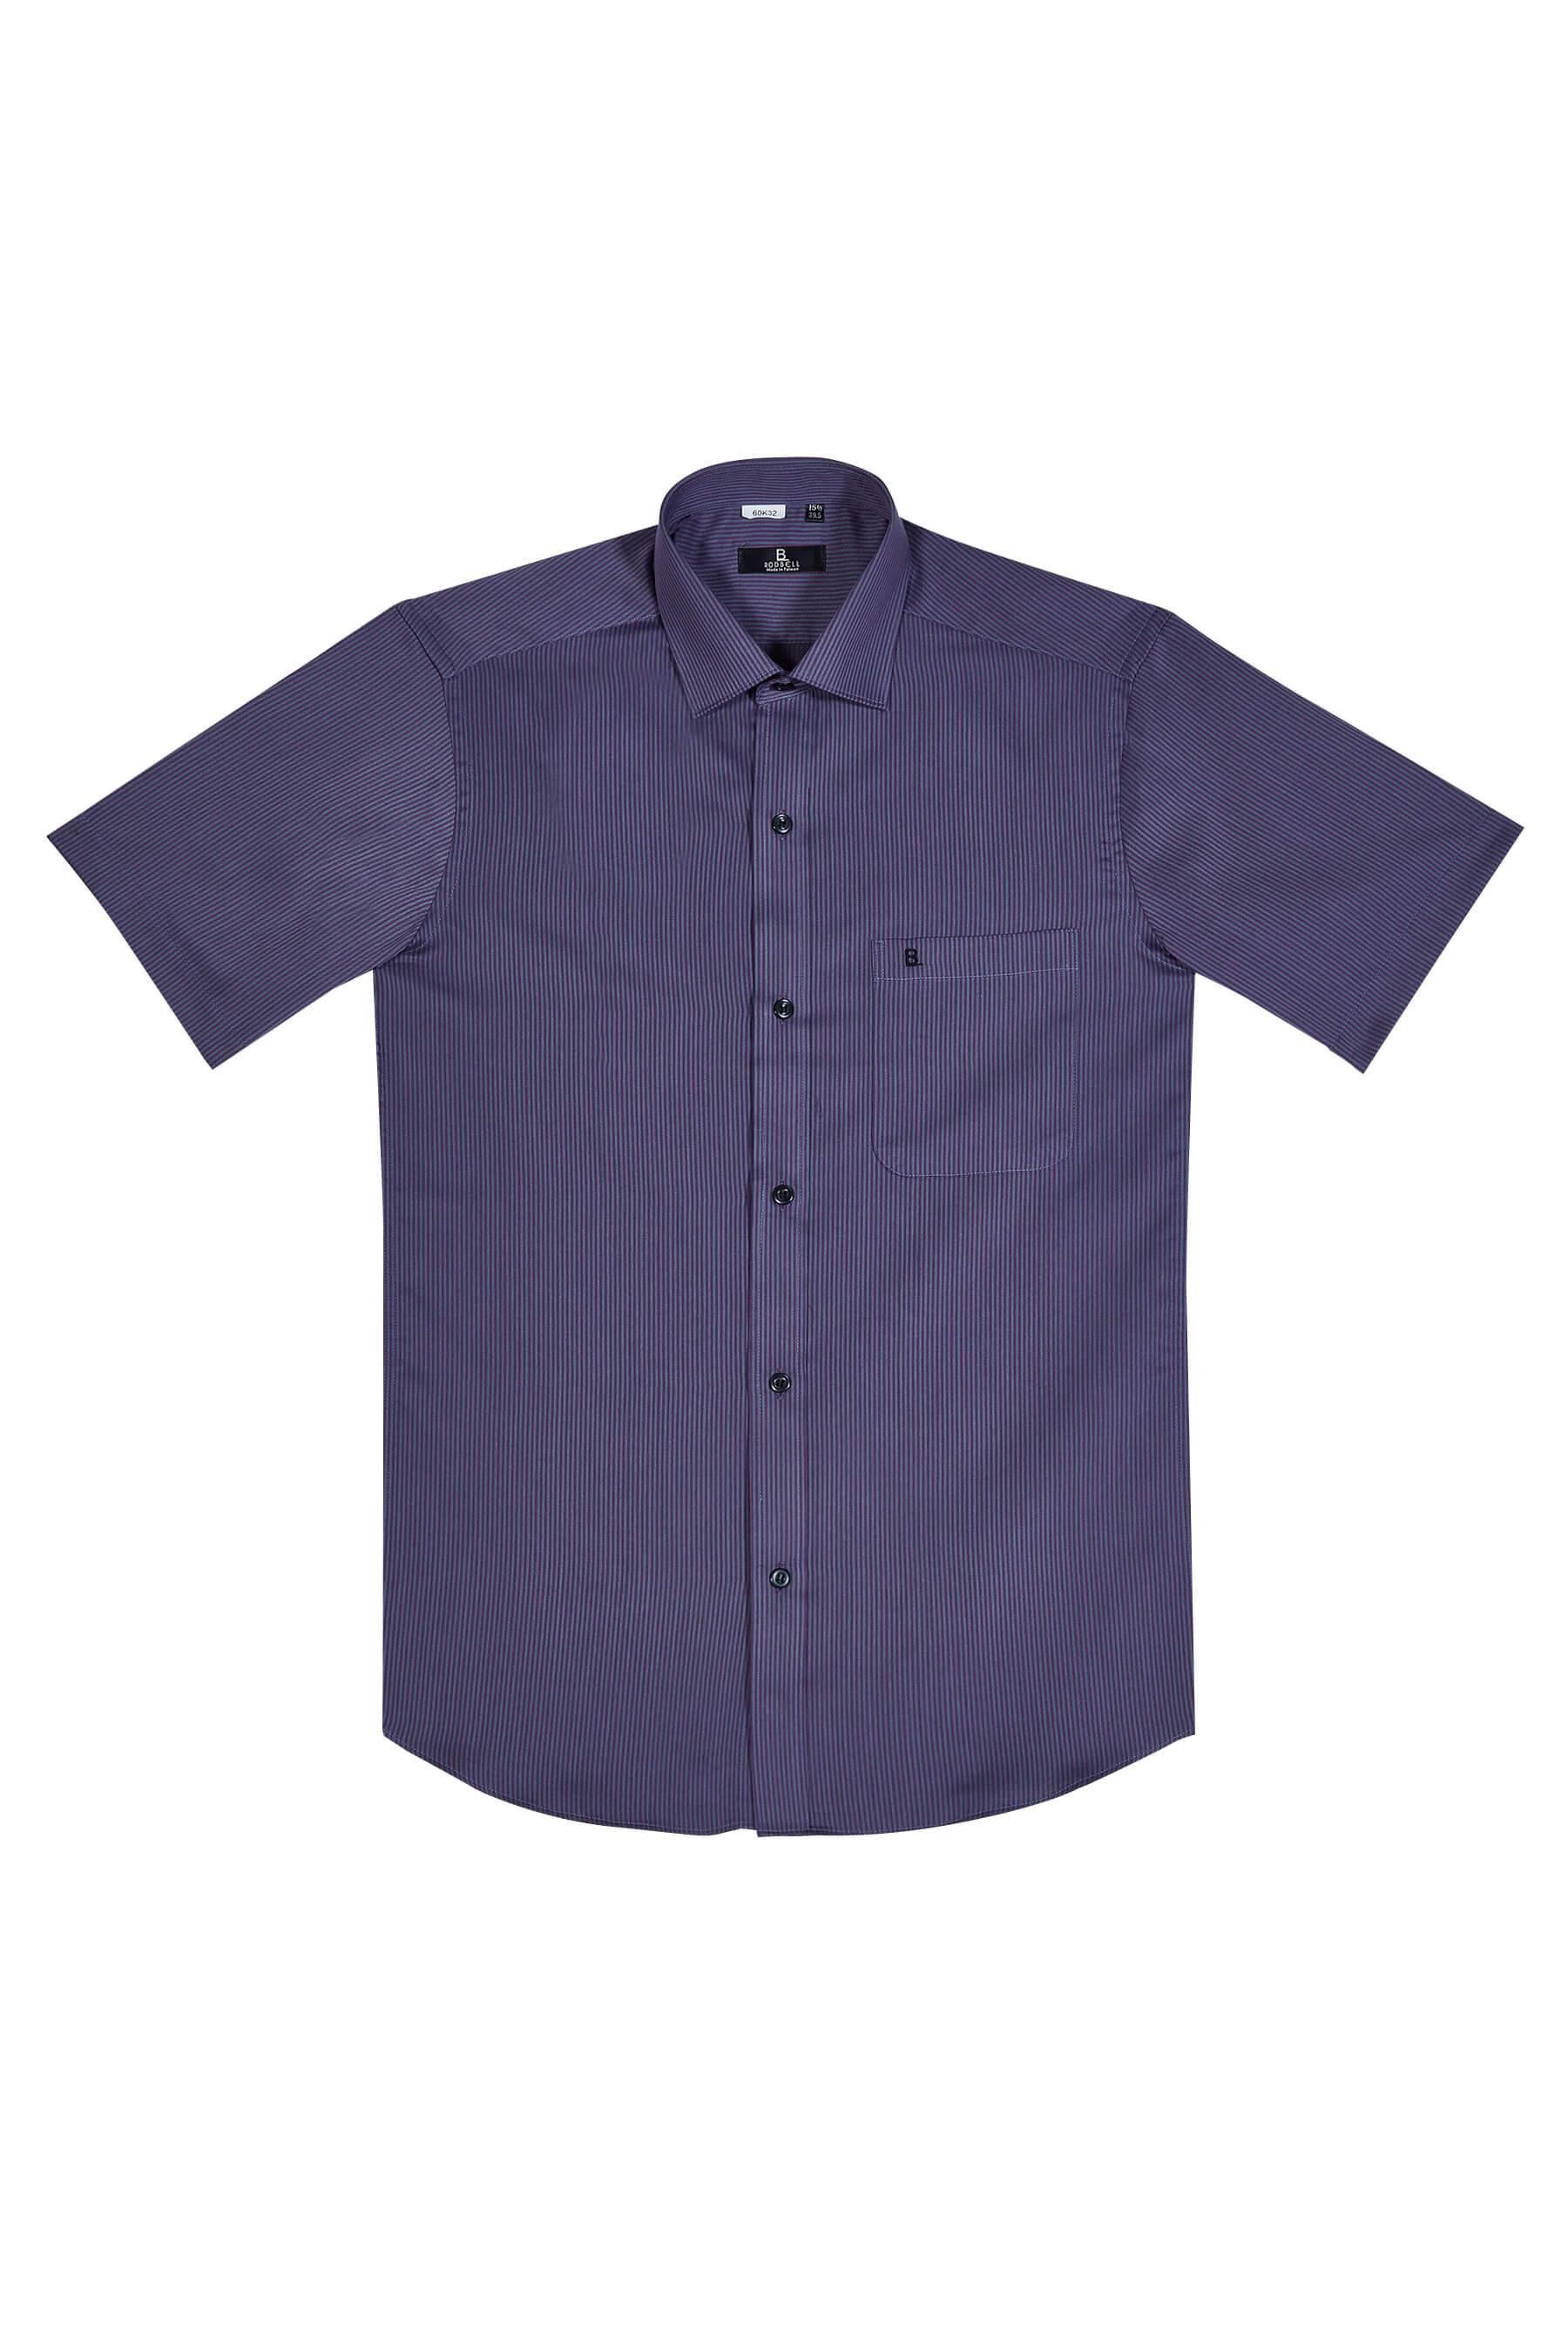 灰紫條紋棉質短袖襯衫/舒適透氣